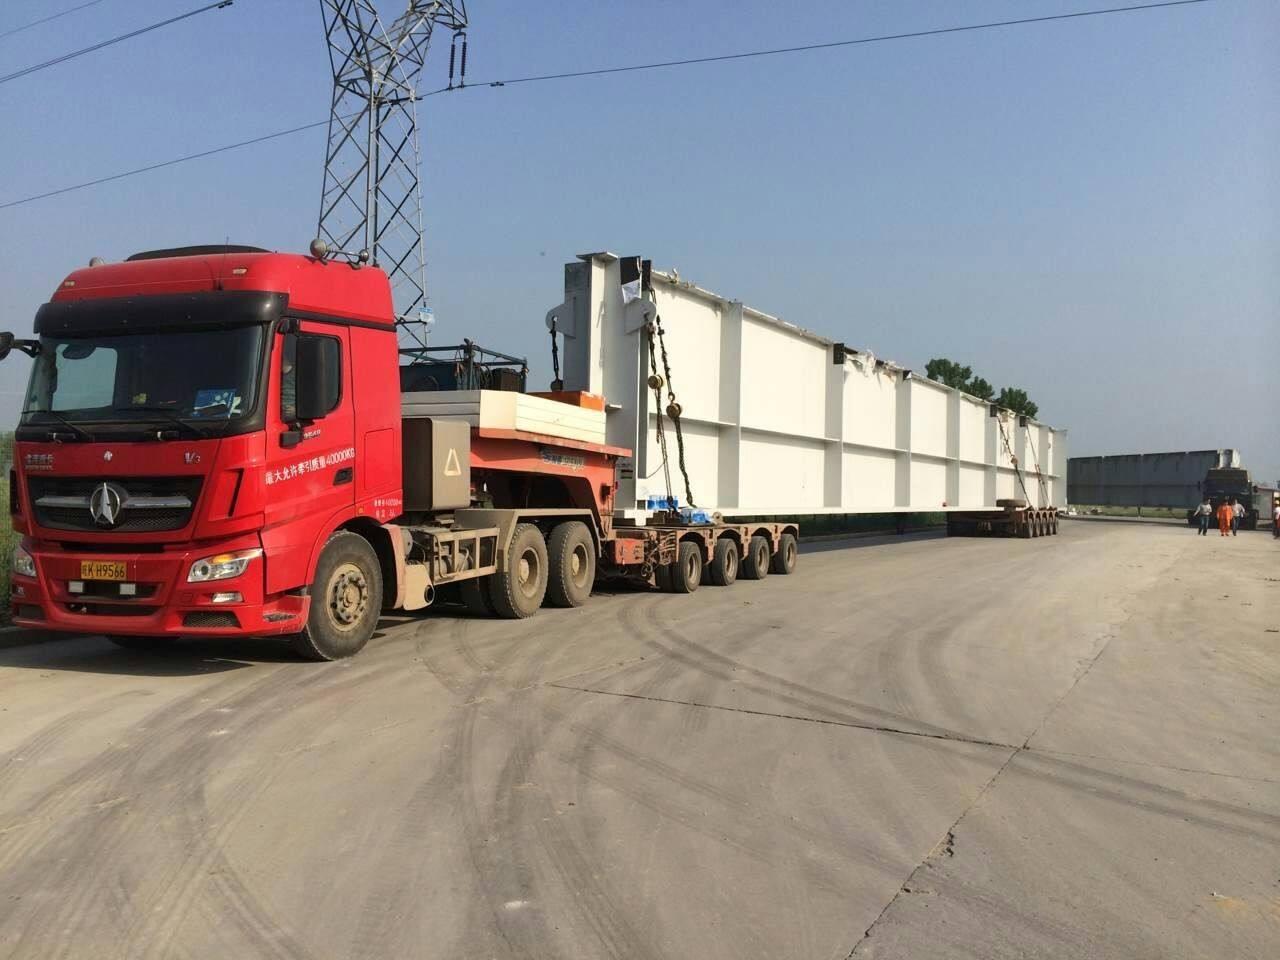 哪里有货运公司_货运公司地址相关-湖南博渡物流有限公司